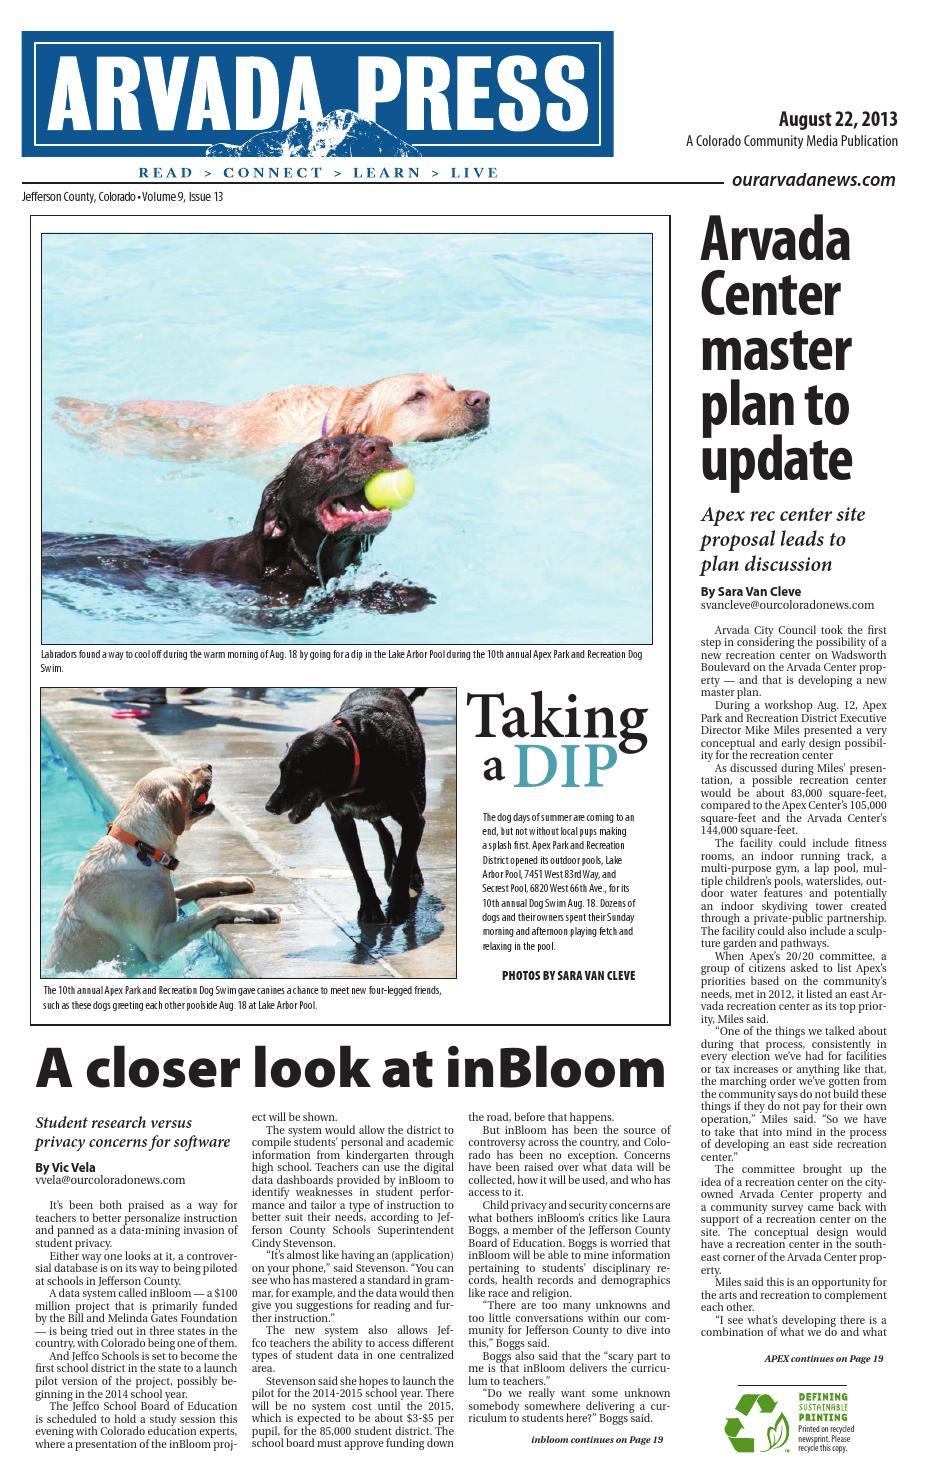 Arvada Press 0822 By Colorado Community Media Issuu